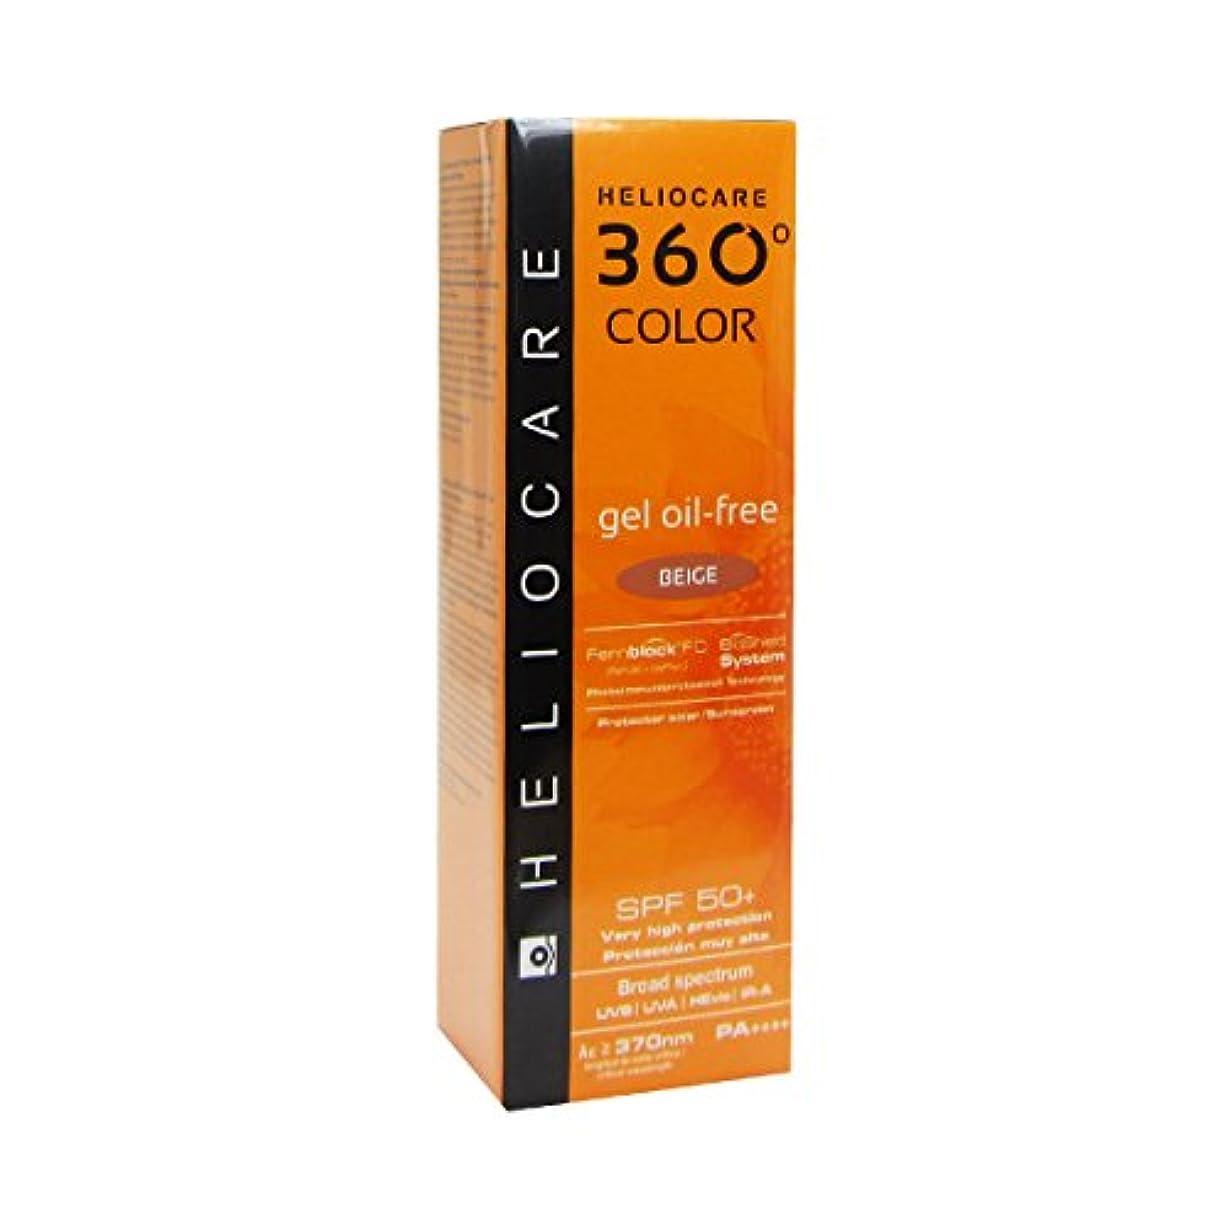 殺す香りかろうじてHeliocare 360 Gel-color Oil-free Spf50 Beige 50ml [並行輸入品]